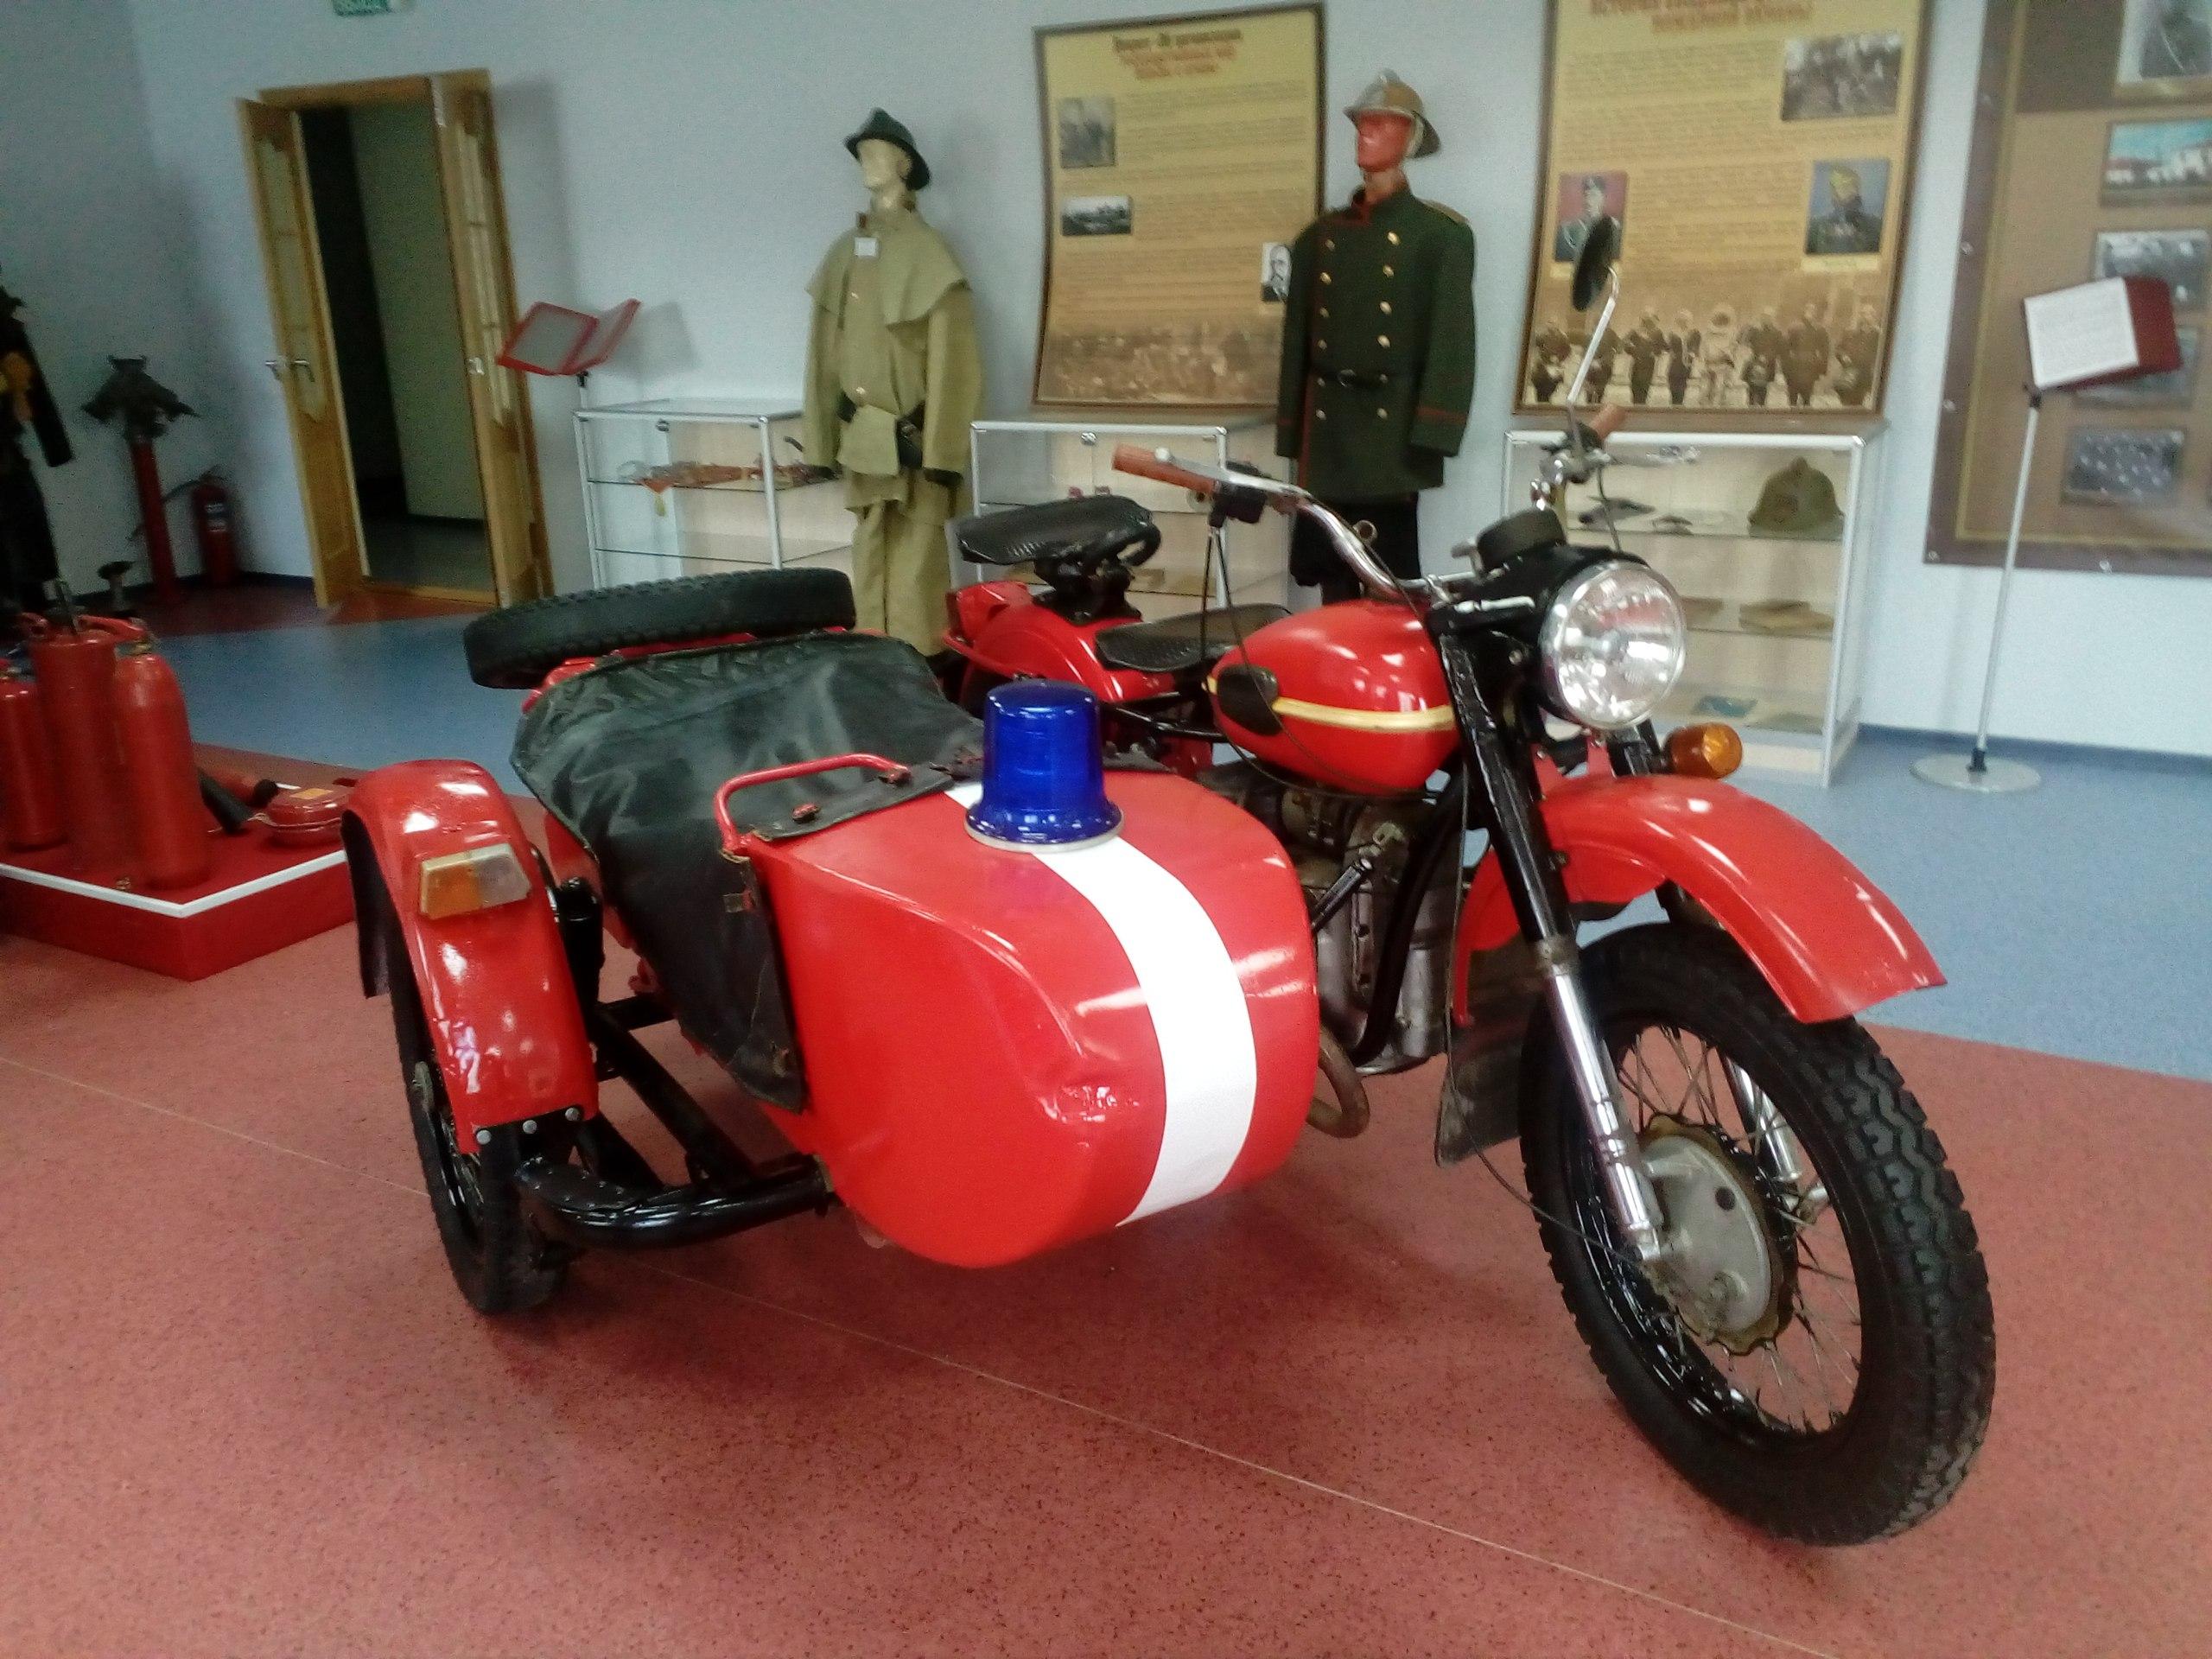 Вот и готов новый экспонат для будущего музея (выставки) пожарной охраны в г.